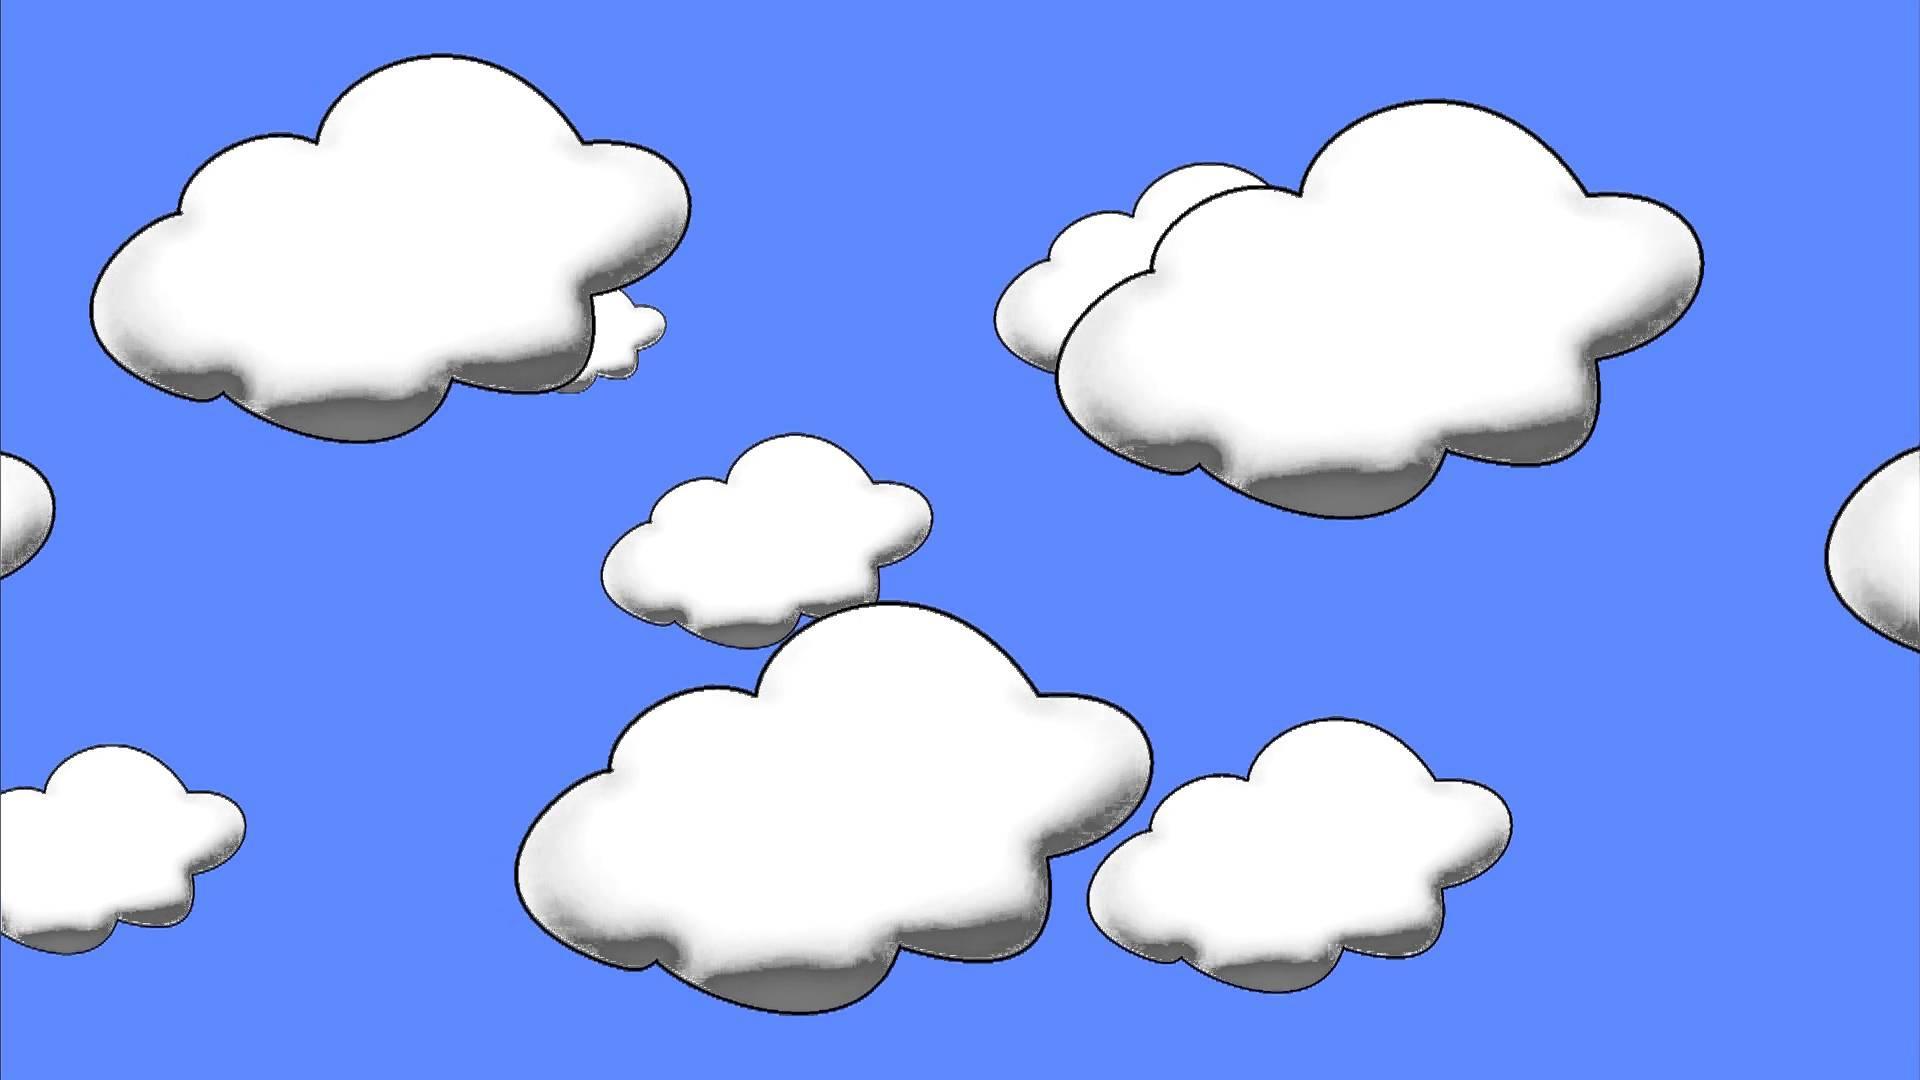 Облака нарисованные картинка